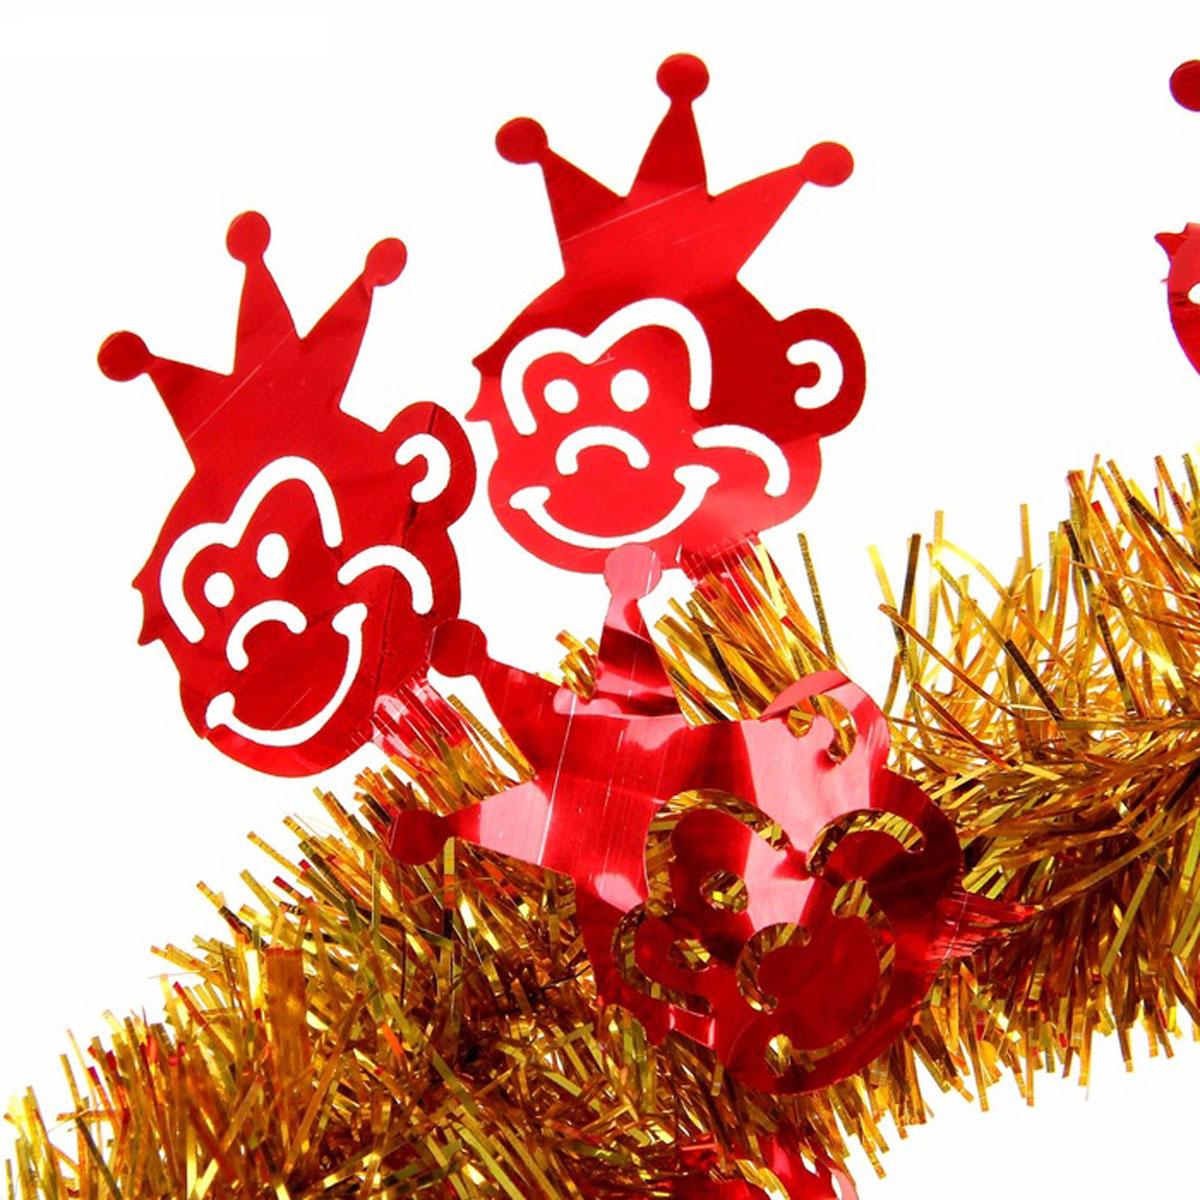 Мишура новогодняя Sima-land Обезьяна с короной, цвет: красный, золотистый, диаметр 5 см, длина 200 см. 10967601096760Мишура новогодняя Sima-land Обезьяна с короной, выполненная из фольги с фигурками обезьян, поможет вам украсить свой дом к предстоящим праздникам. Мишура армированная и способна сохранять приданную ей форму. Новогодней мишурой можно украсить все, что угодно - елку, квартиру, дачу, офис - как внутри, так и снаружи. Можно сложить новогодние поздравления, буквы и цифры, мишурой можно украсить и дополнить гирлянды, можно выделить дверные колонны, оплести дверные проемы. Мишура принесет в ваш дом ни с чем несравнимое ощущение праздника! Создайте в своем доме атмосферу тепла, веселья и радости, украшая его всей семьей.